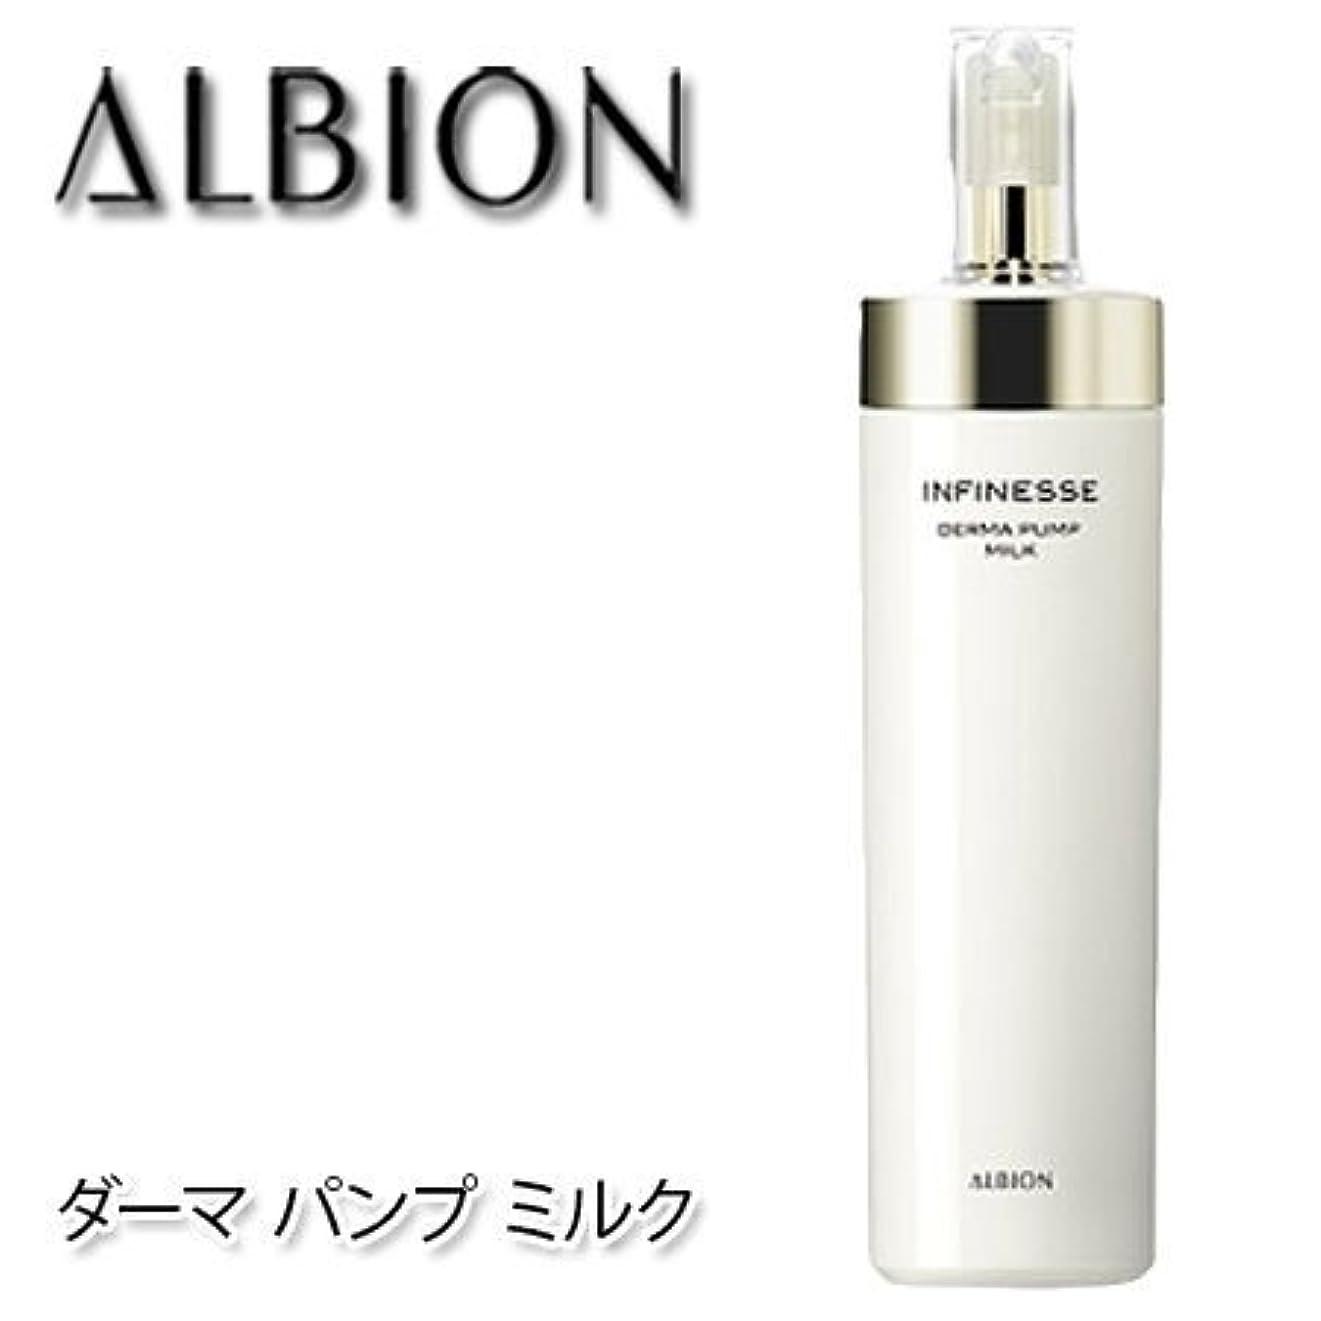 変装ミサイルプロテスタントアルビオン アンフィネス ダーマ パンプ ミルク 200g-ALBION-